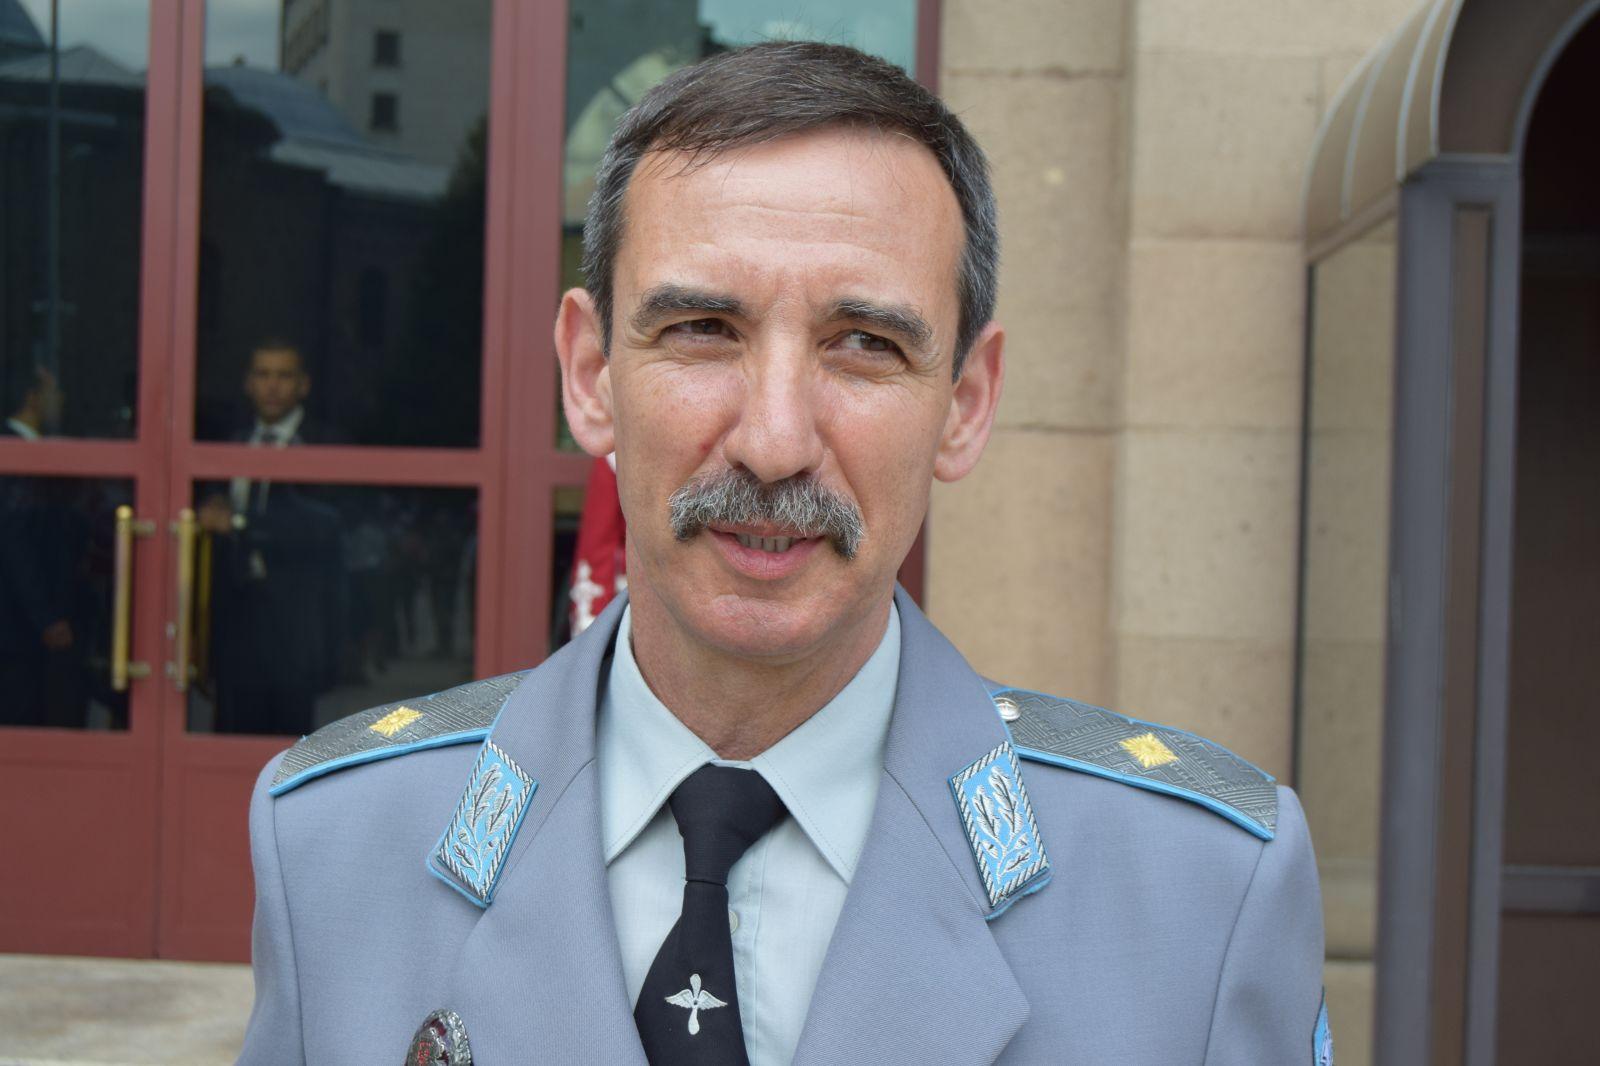 ГОРЕЩО: ген. Цанко Стойков става генерал-лейтенант и заместник-началник на отбраната, а ген. Димитър Петров става ген.-майор и командир на ВВС